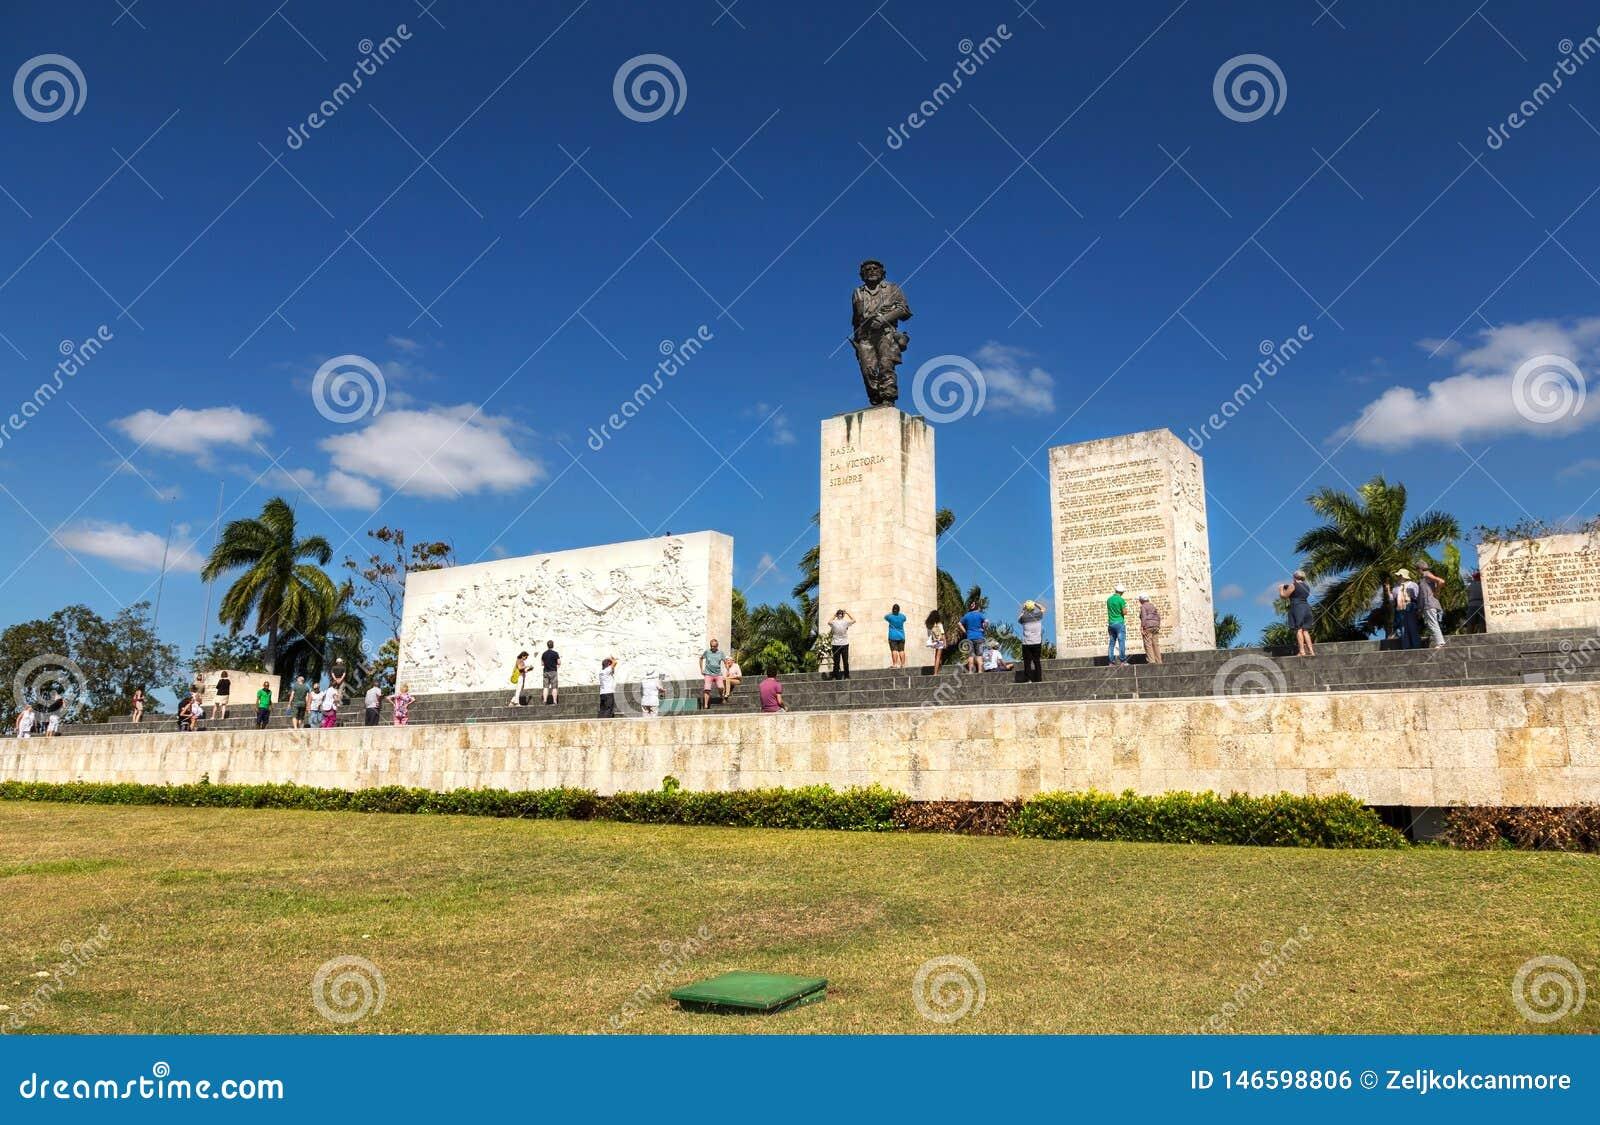 Посетители мемориального мавзолея Santa Clara Ernesto Че Гевара туристские